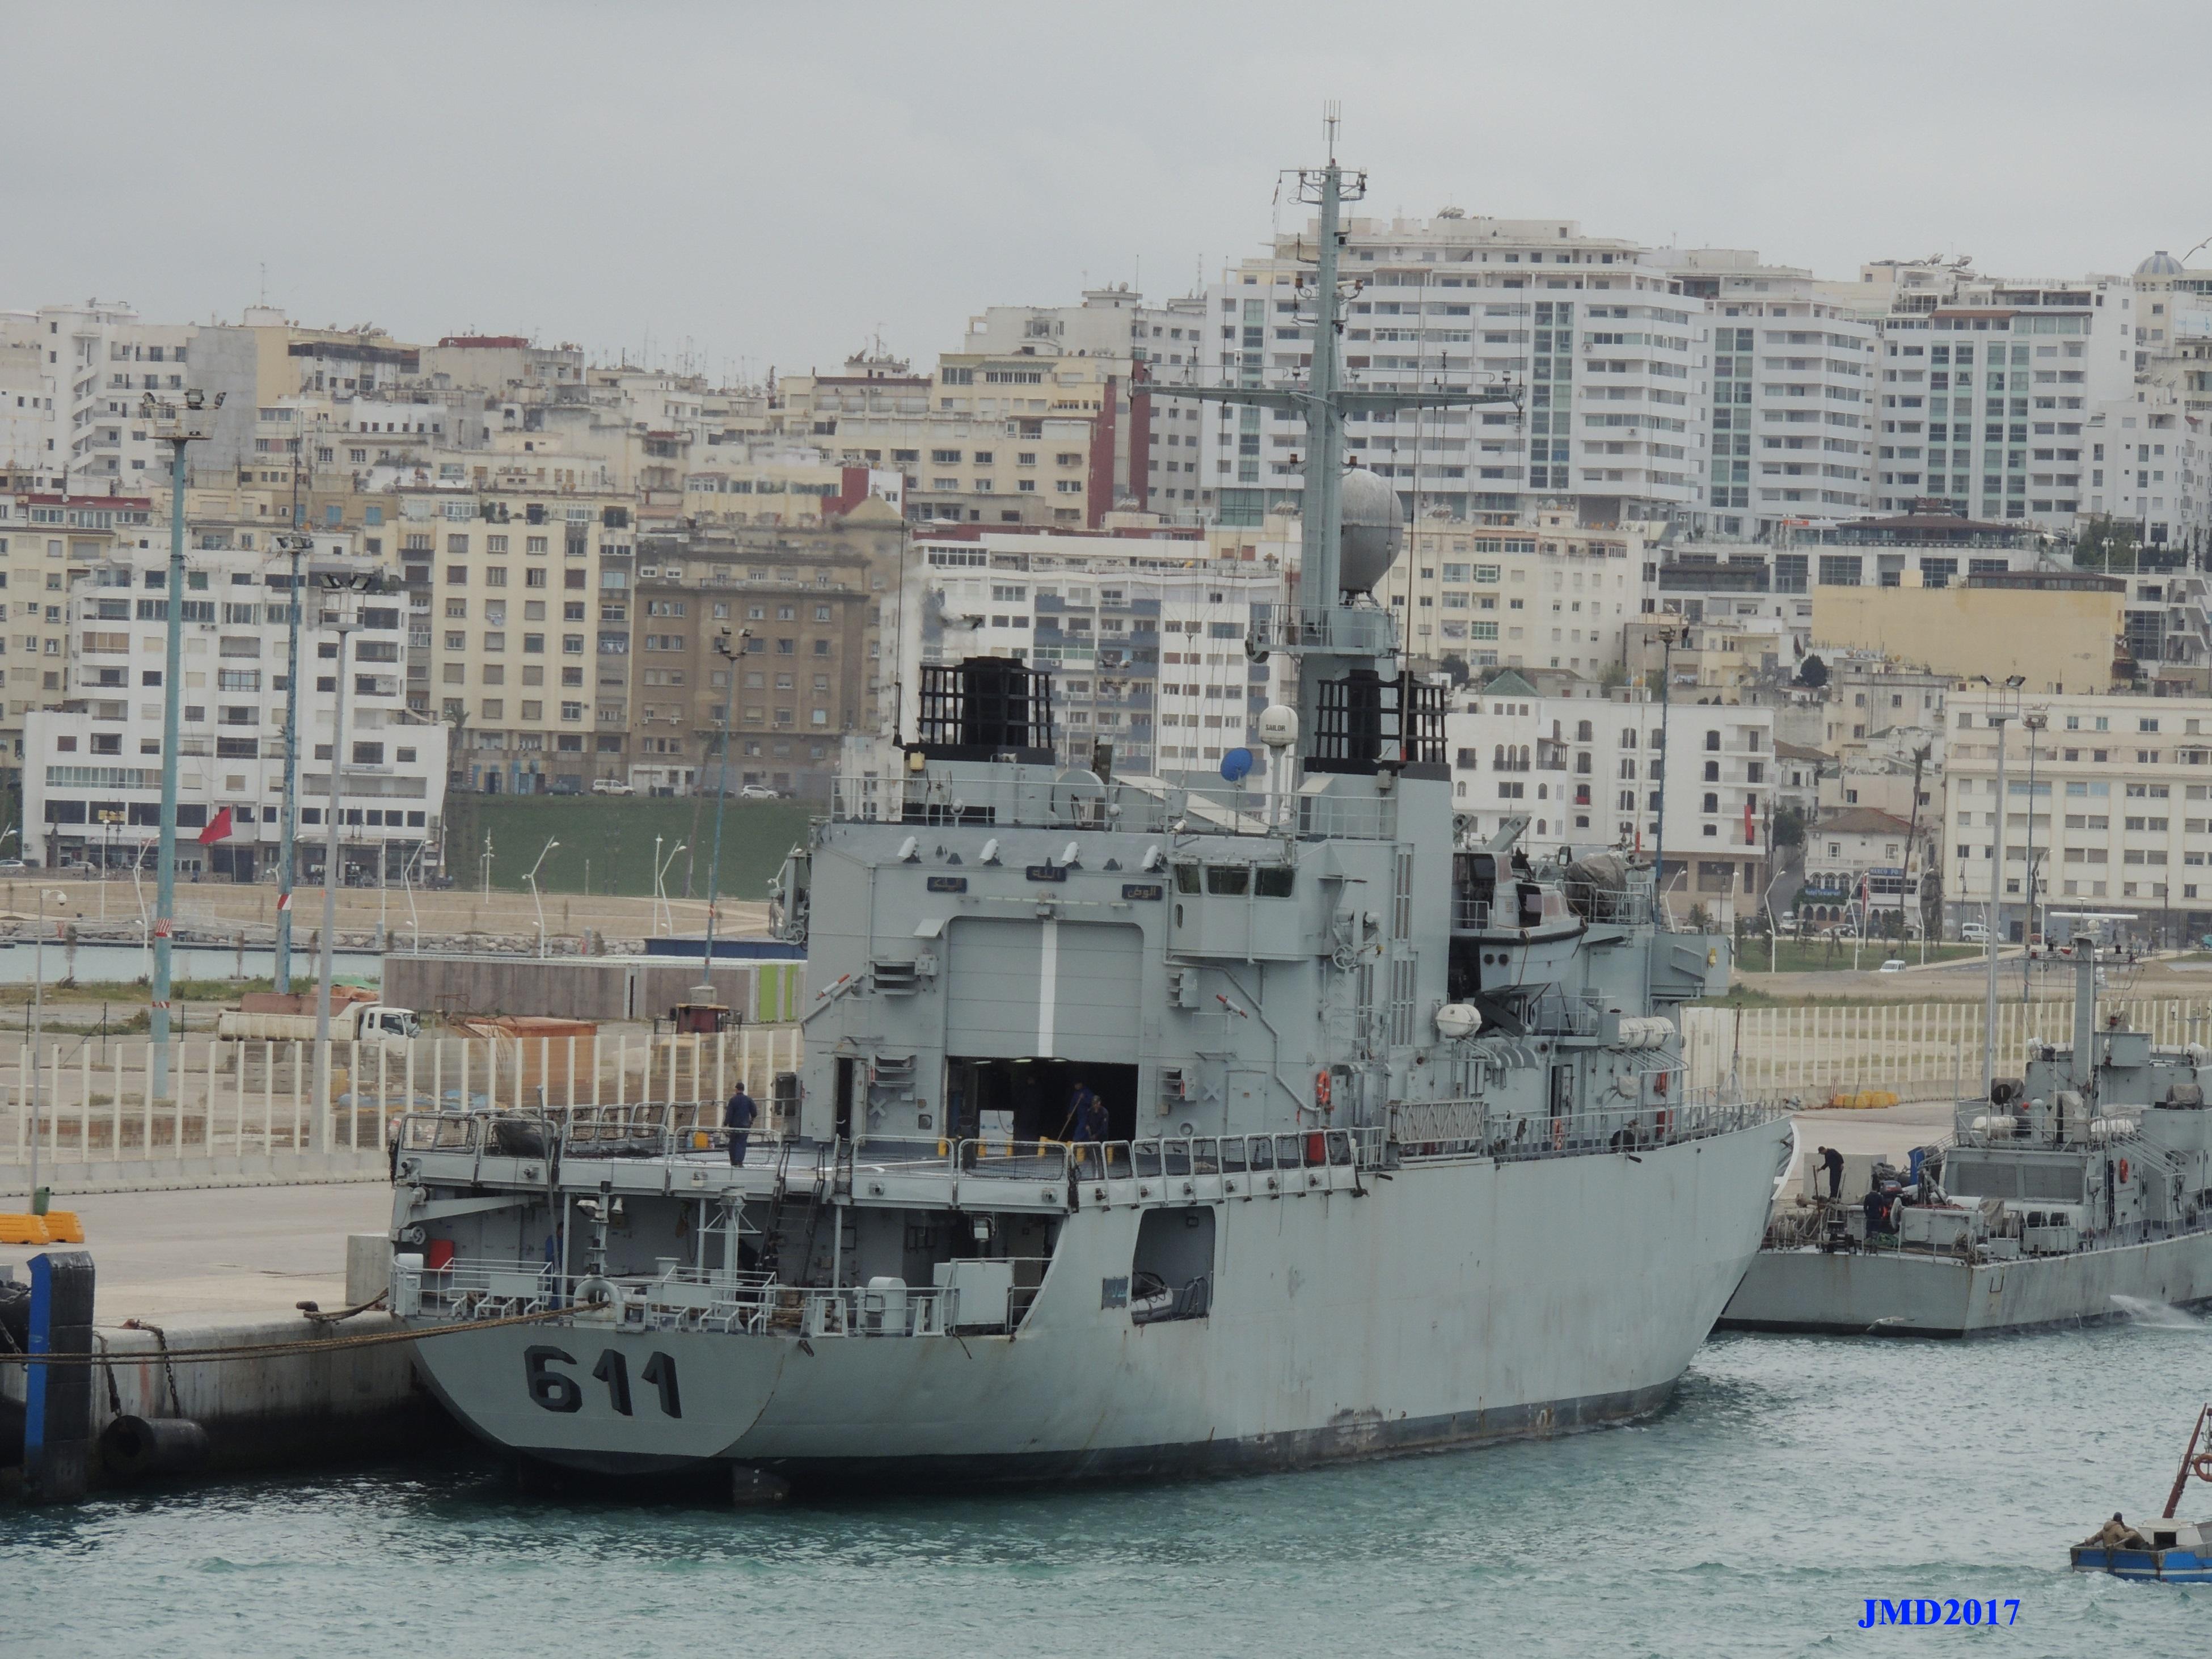 Royal Moroccan Navy Floréal Frigates / Frégates Floréal Marocaines - Page 12 2634930